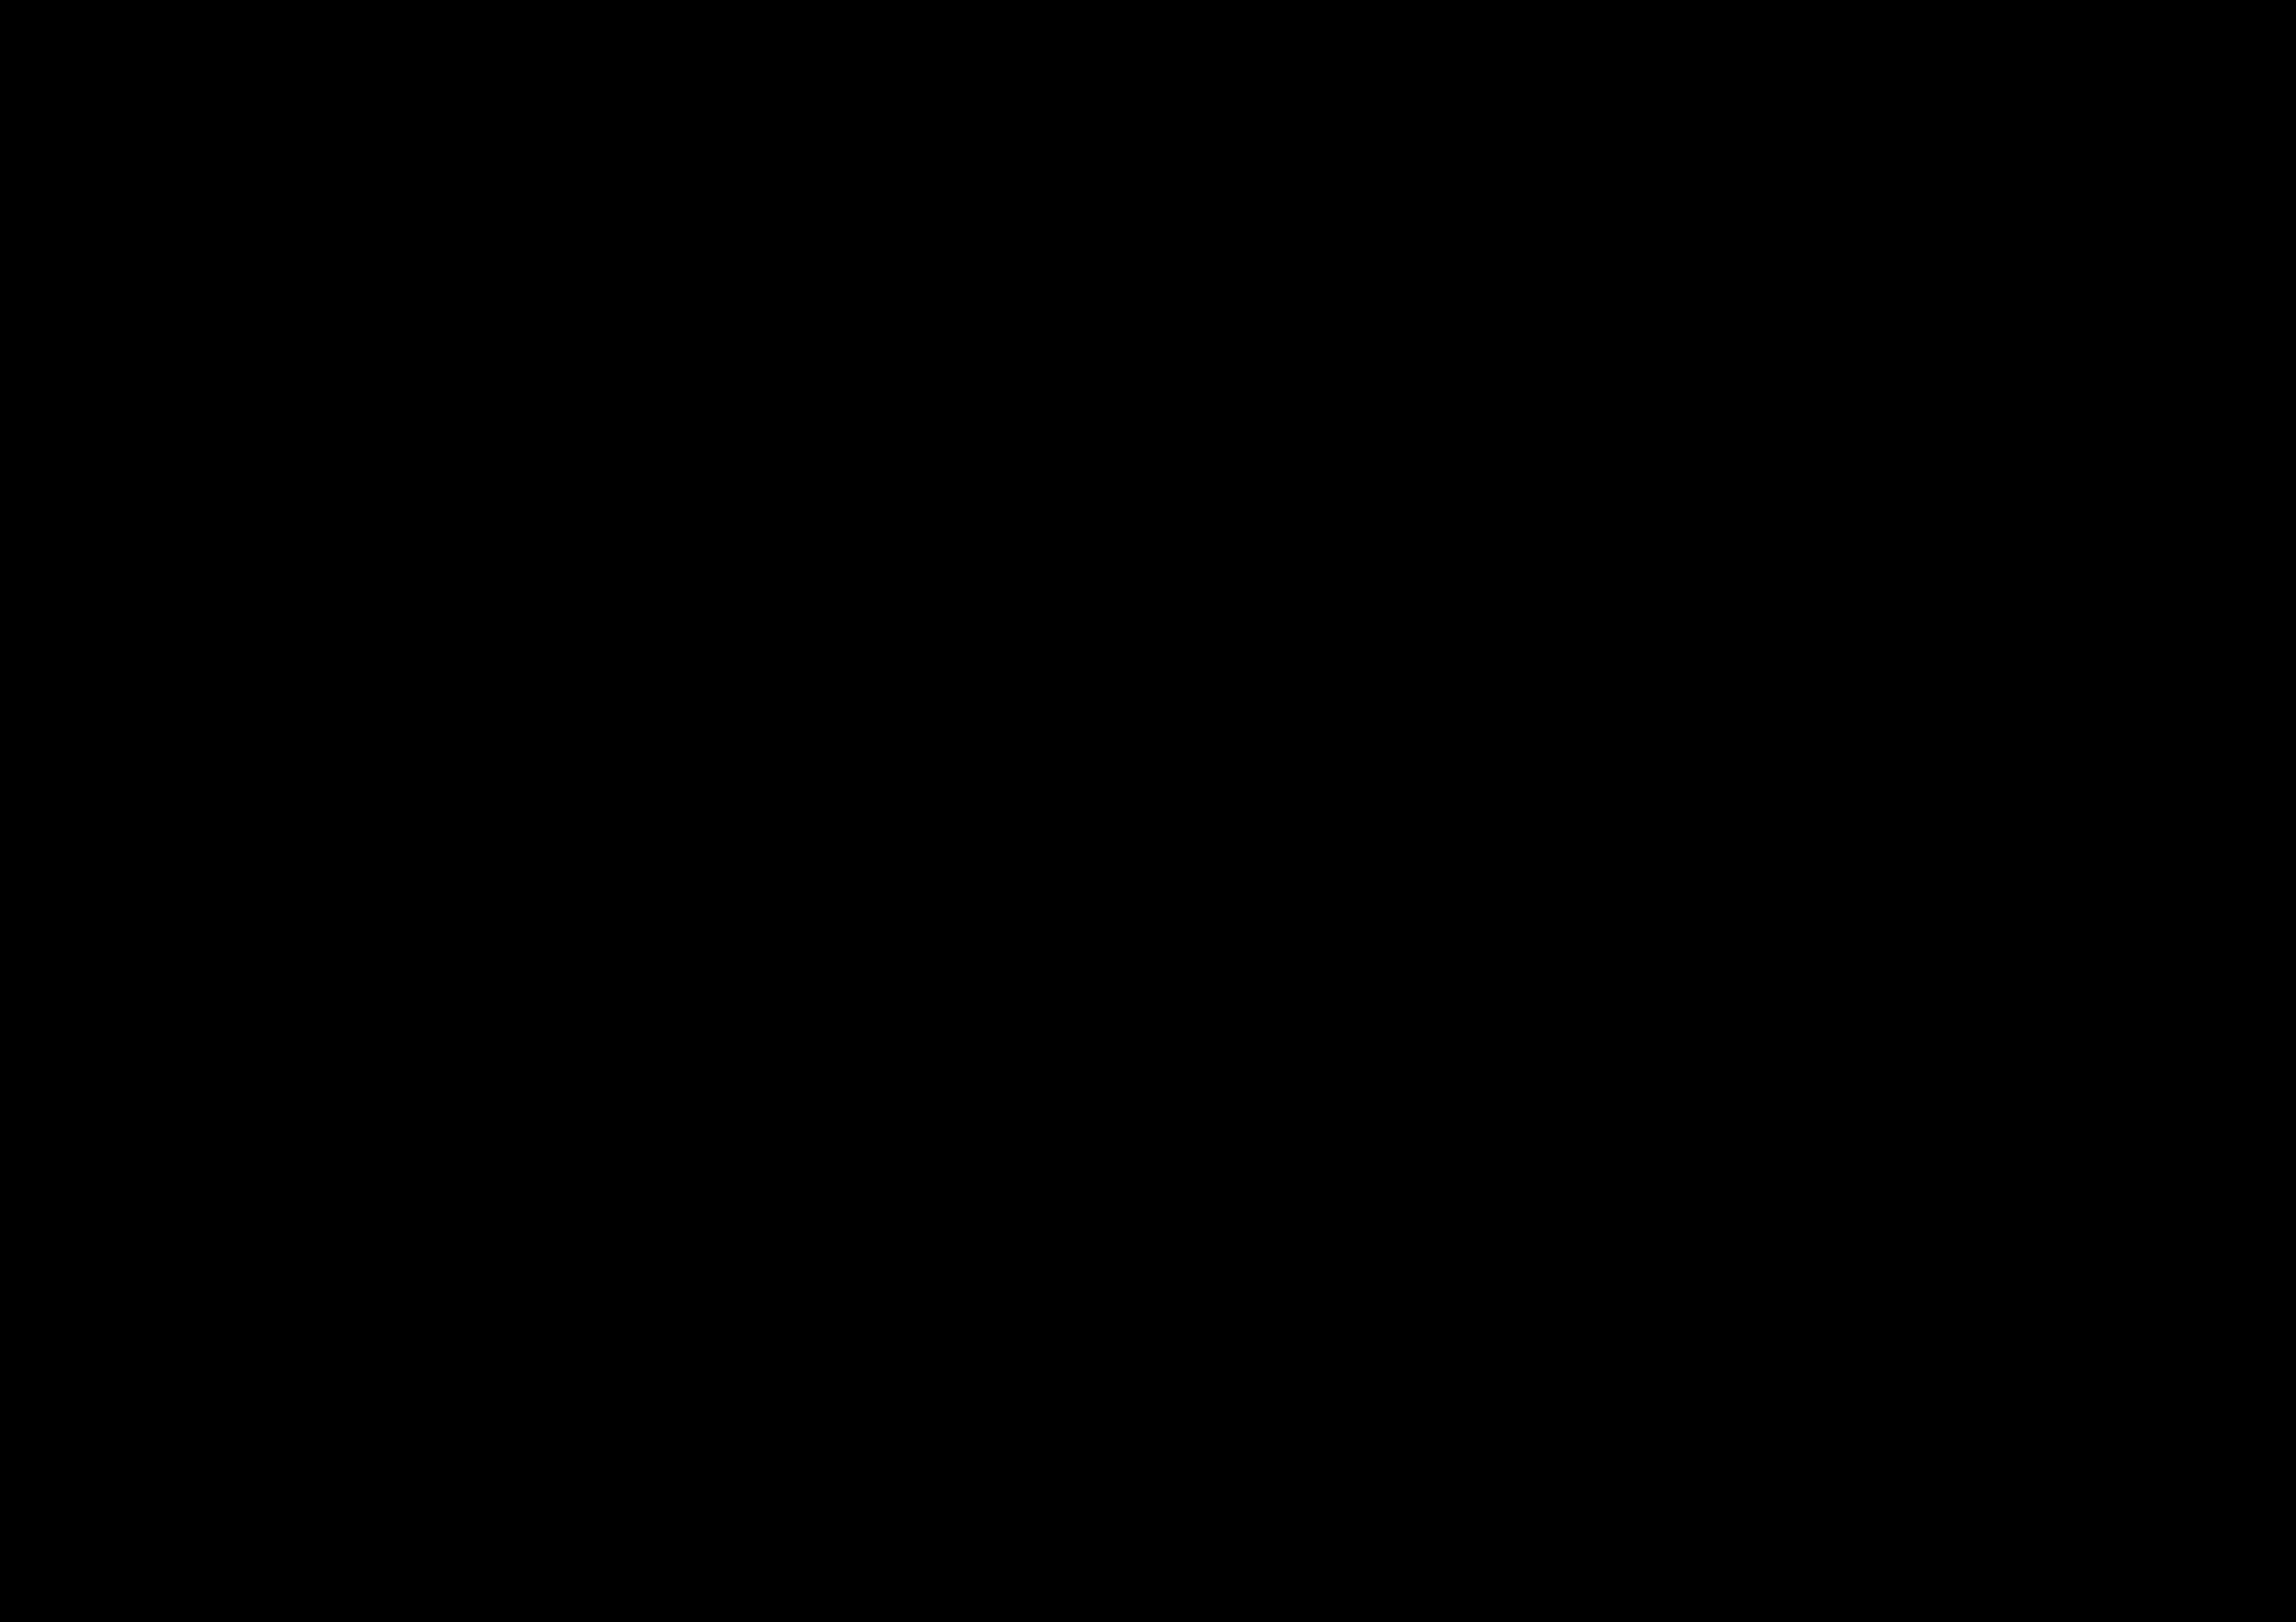 Sentier droite ou gauche dans la métropole Nantaise Source : (Chloé Harlay)